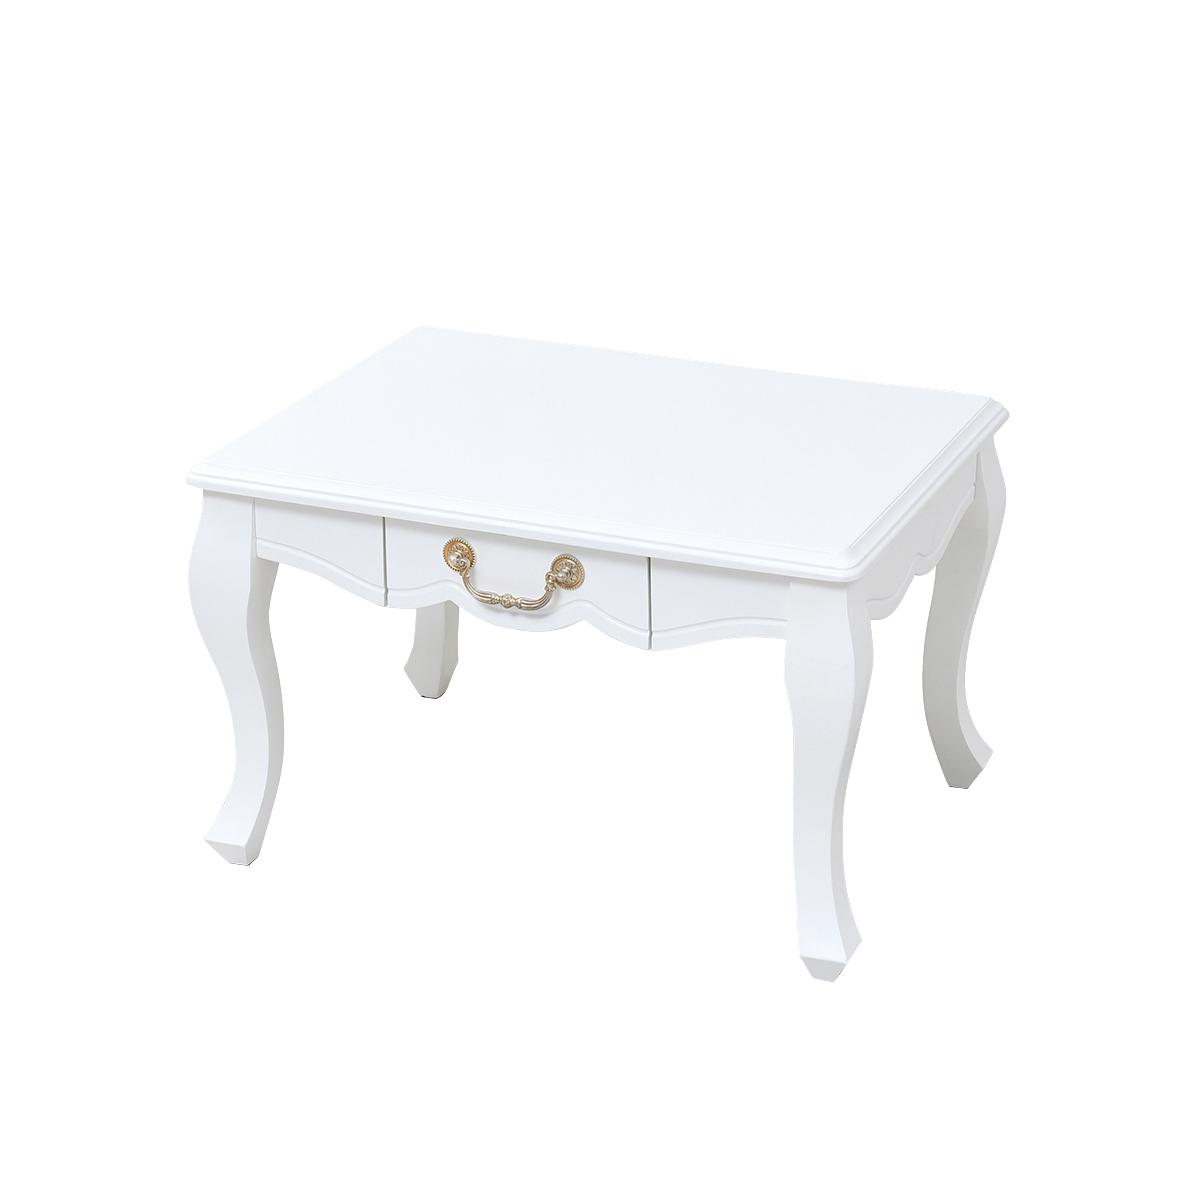 姫系家具 キャッツプリンセス リビングテーブル 送料無料 激安セール アウトレット価格